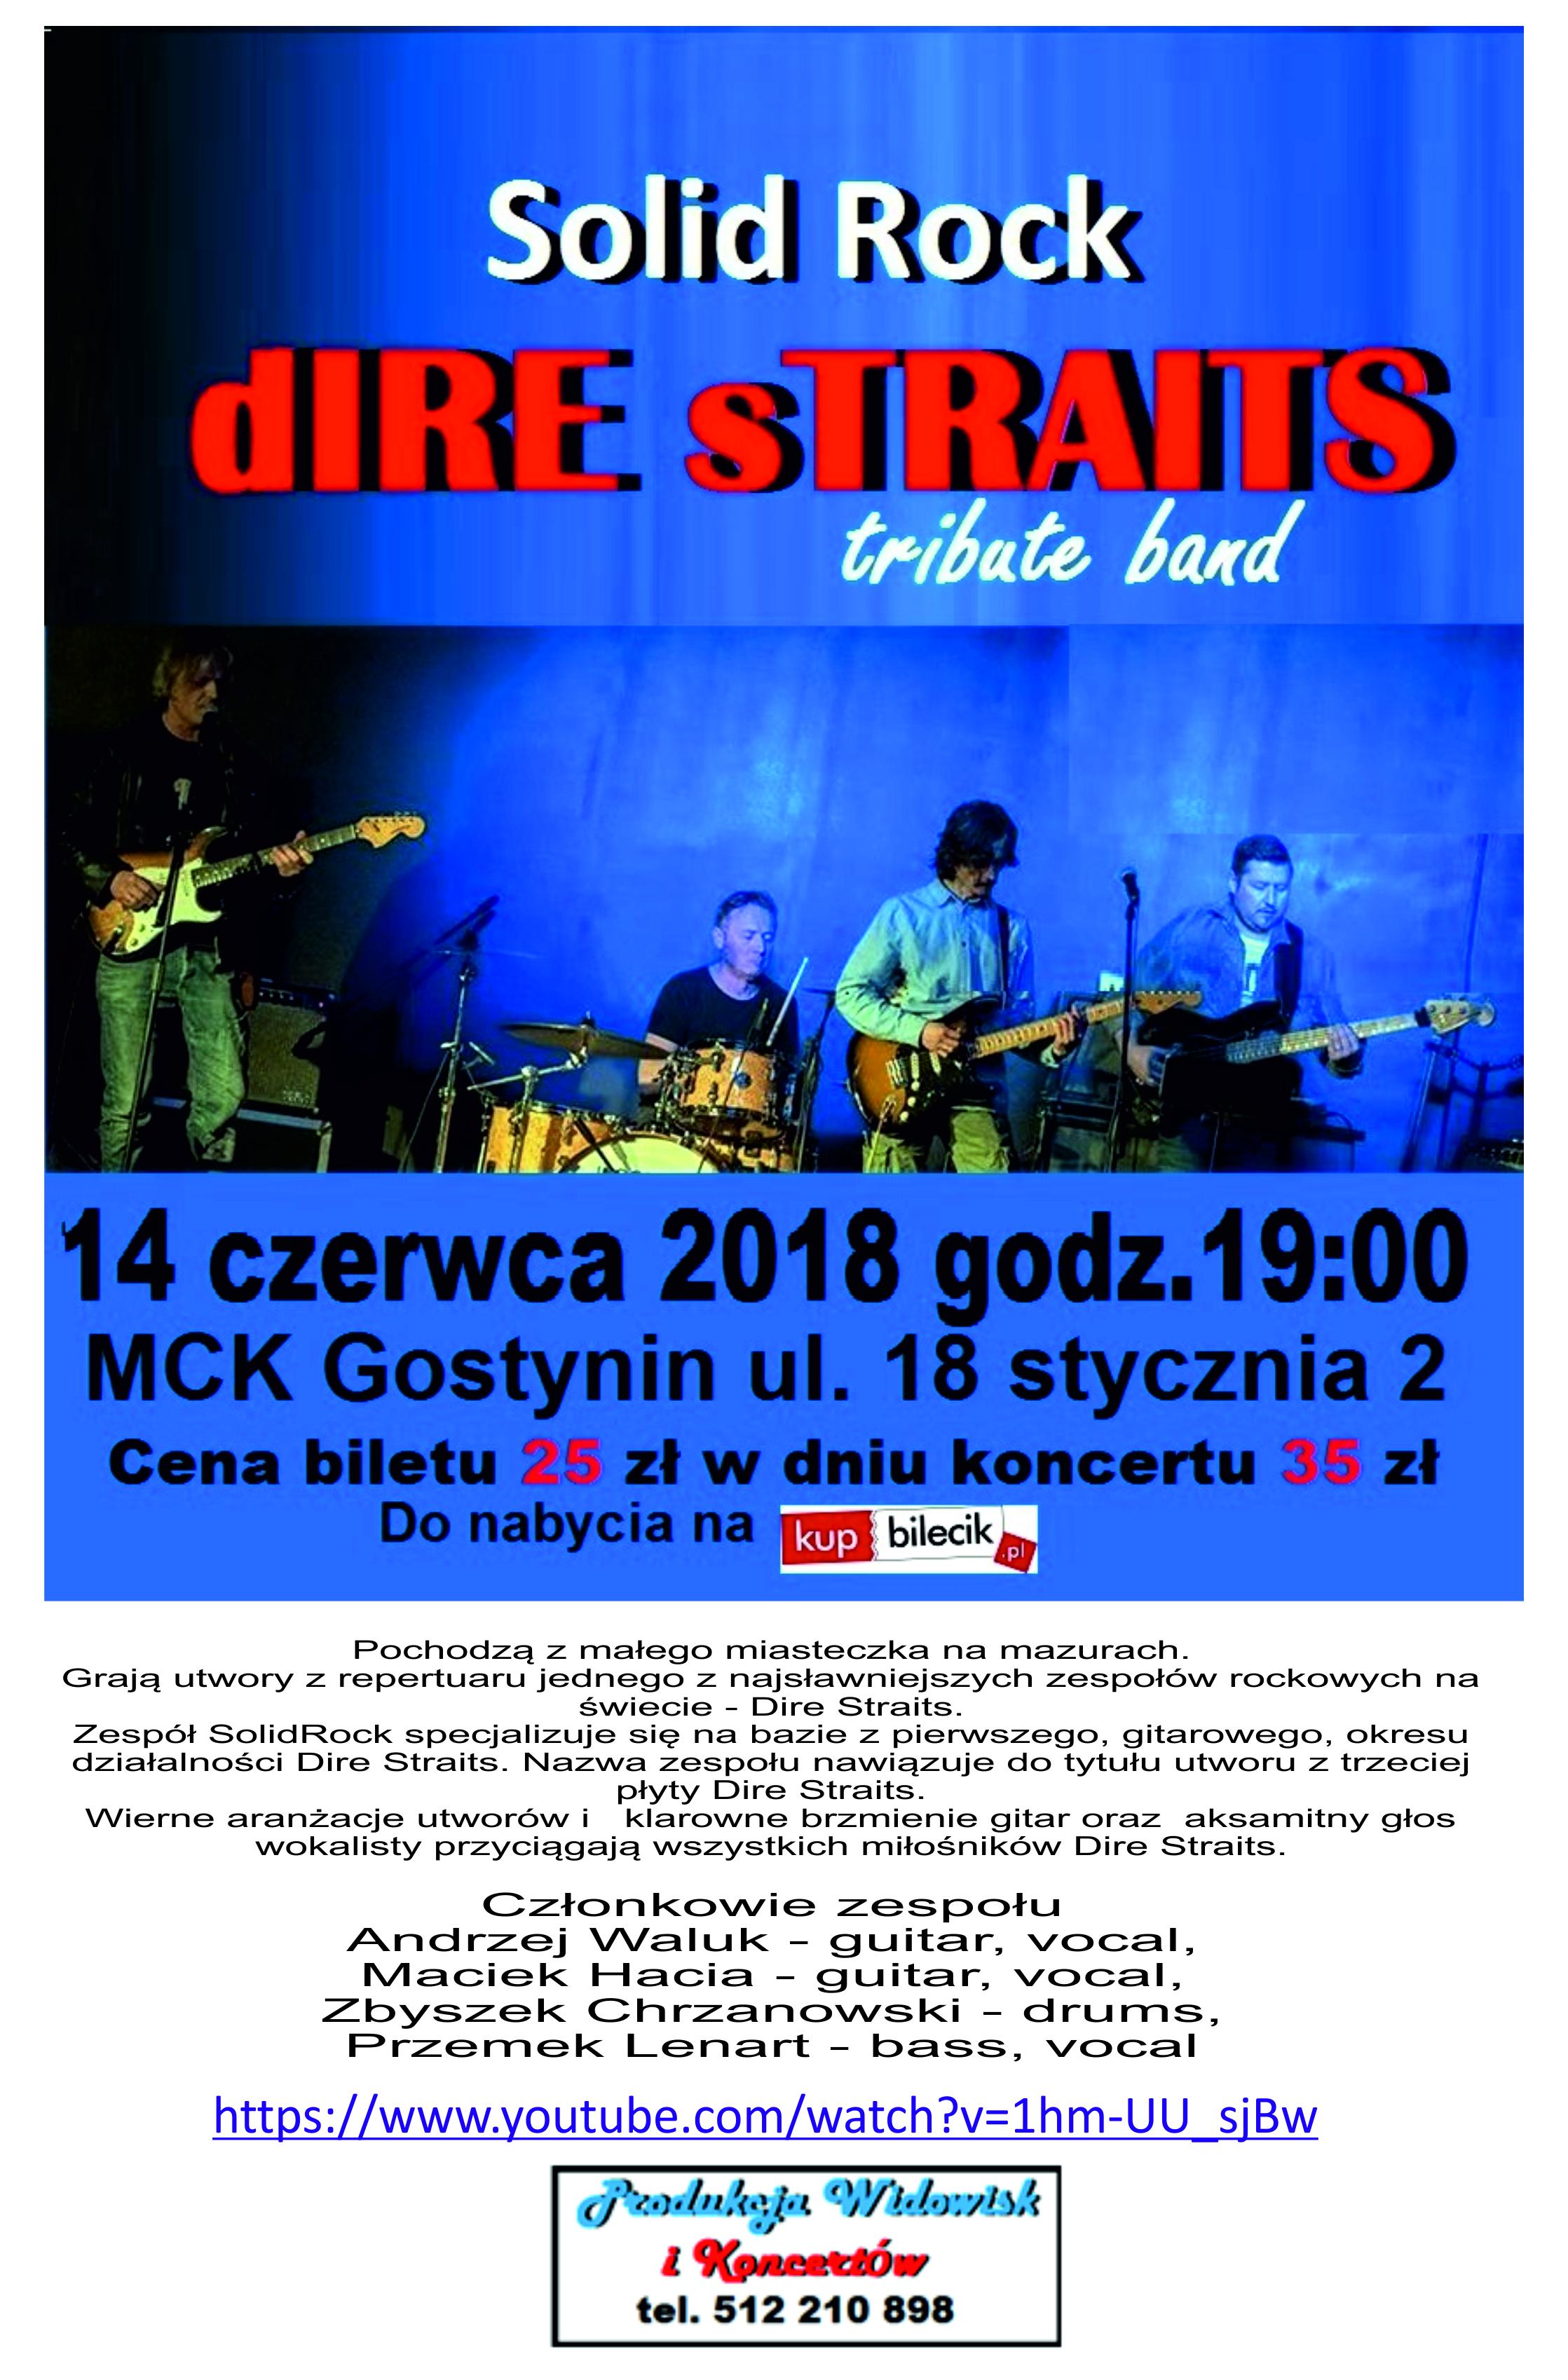 Zapraszamy na koncert Solid Rock – Dire Straits!